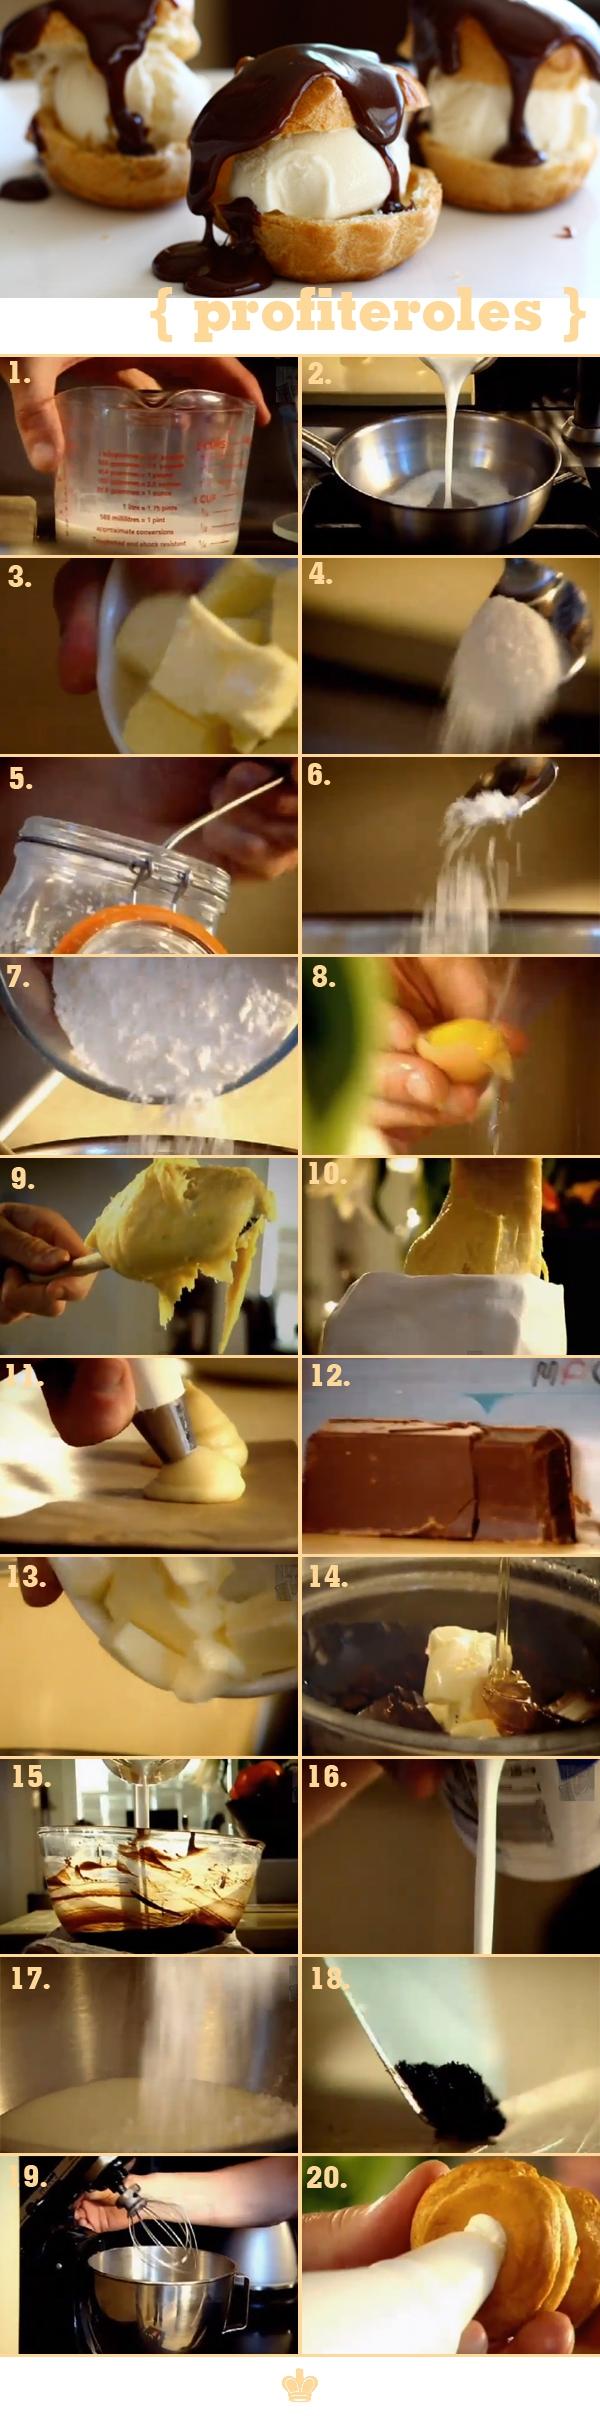 """Bí quyết làm bánh su kem """"hoàn hảo"""" của Gordon Ramsay 1"""